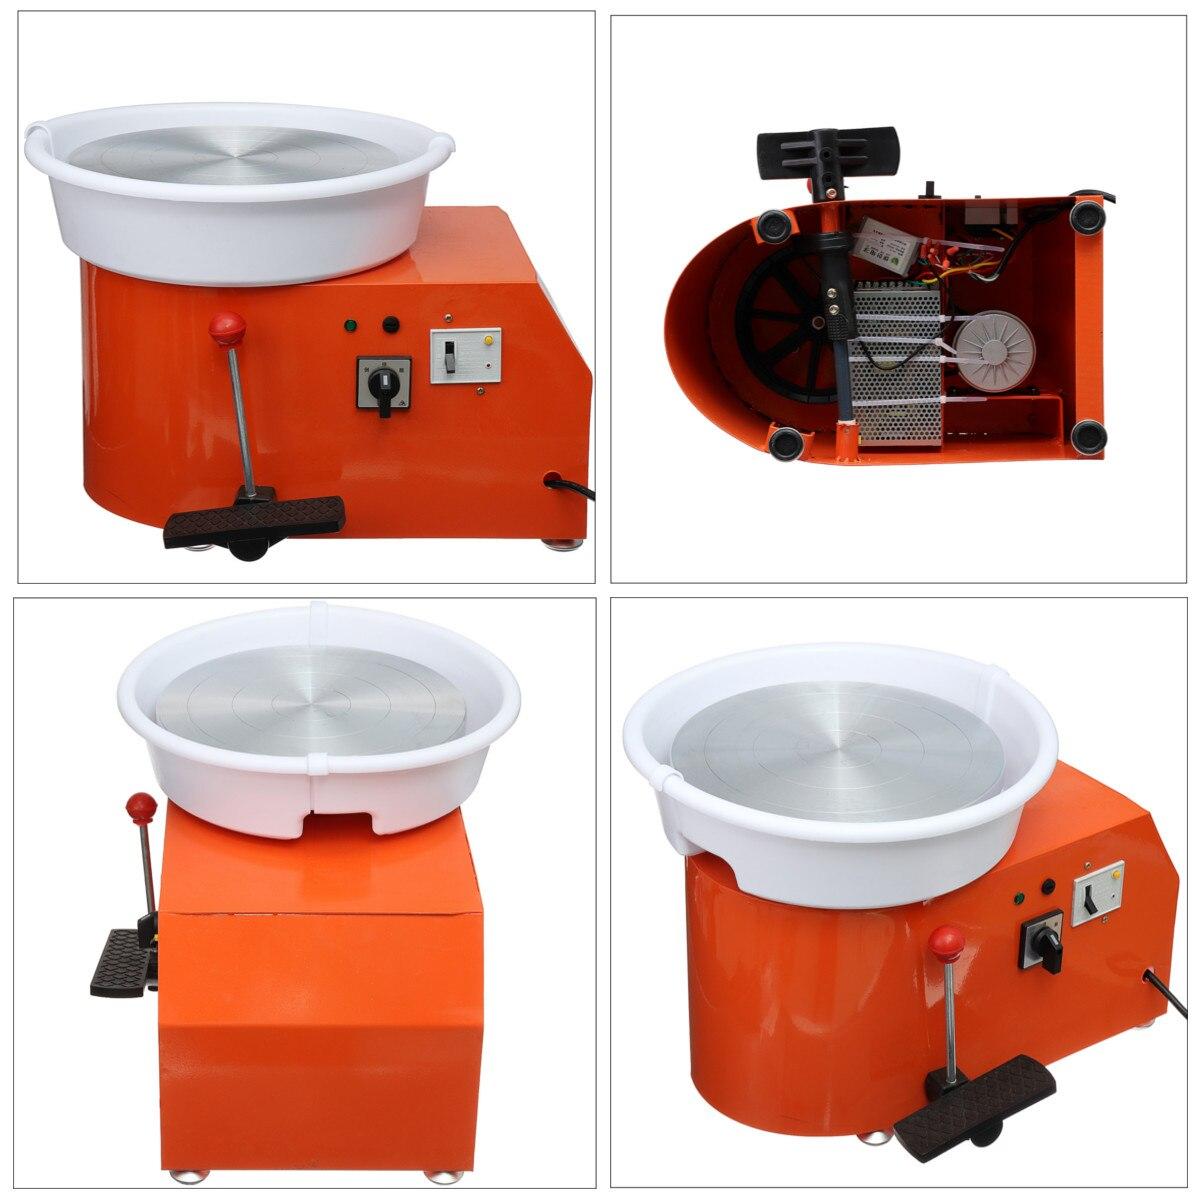 220 V 350 W Électrique Poterie Roue En Céramique Machine 300mm argile céramique Potter Kit Pour Travail En Céramique Céramique - 4